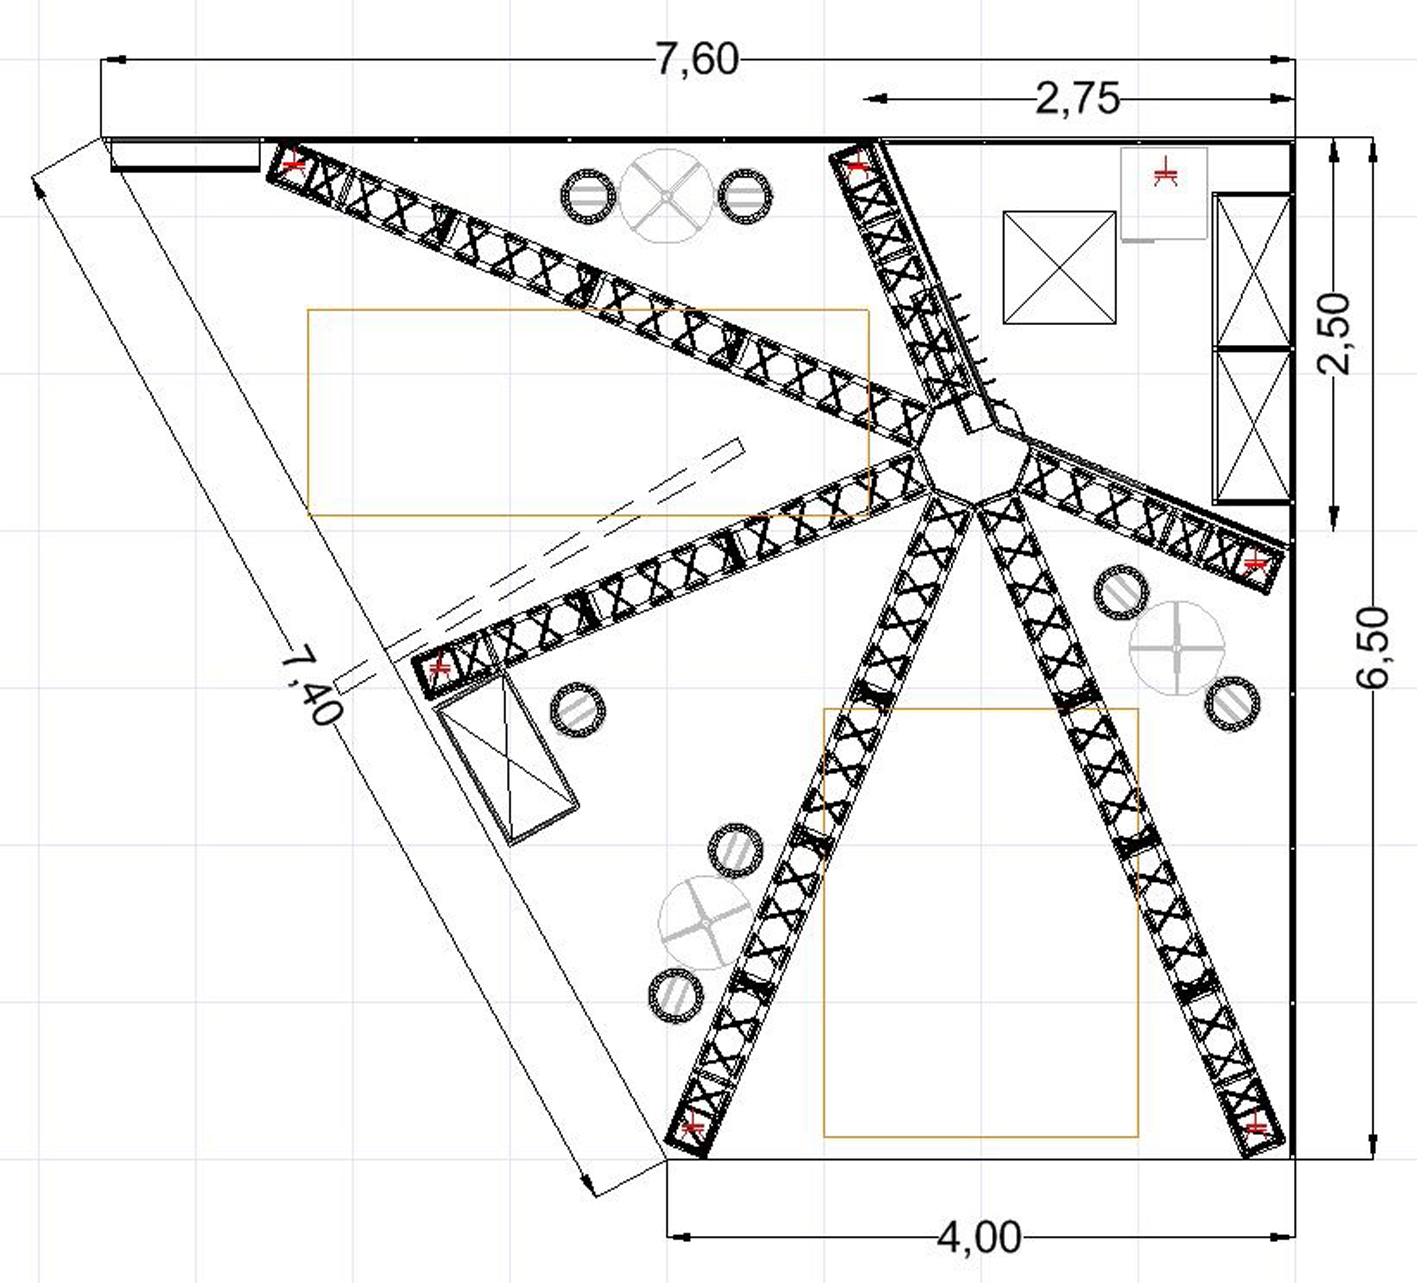 16 a So schauen Skizzen aus, die Sie zu den gerenderten fotorealistischen 3D Plänen erhalten